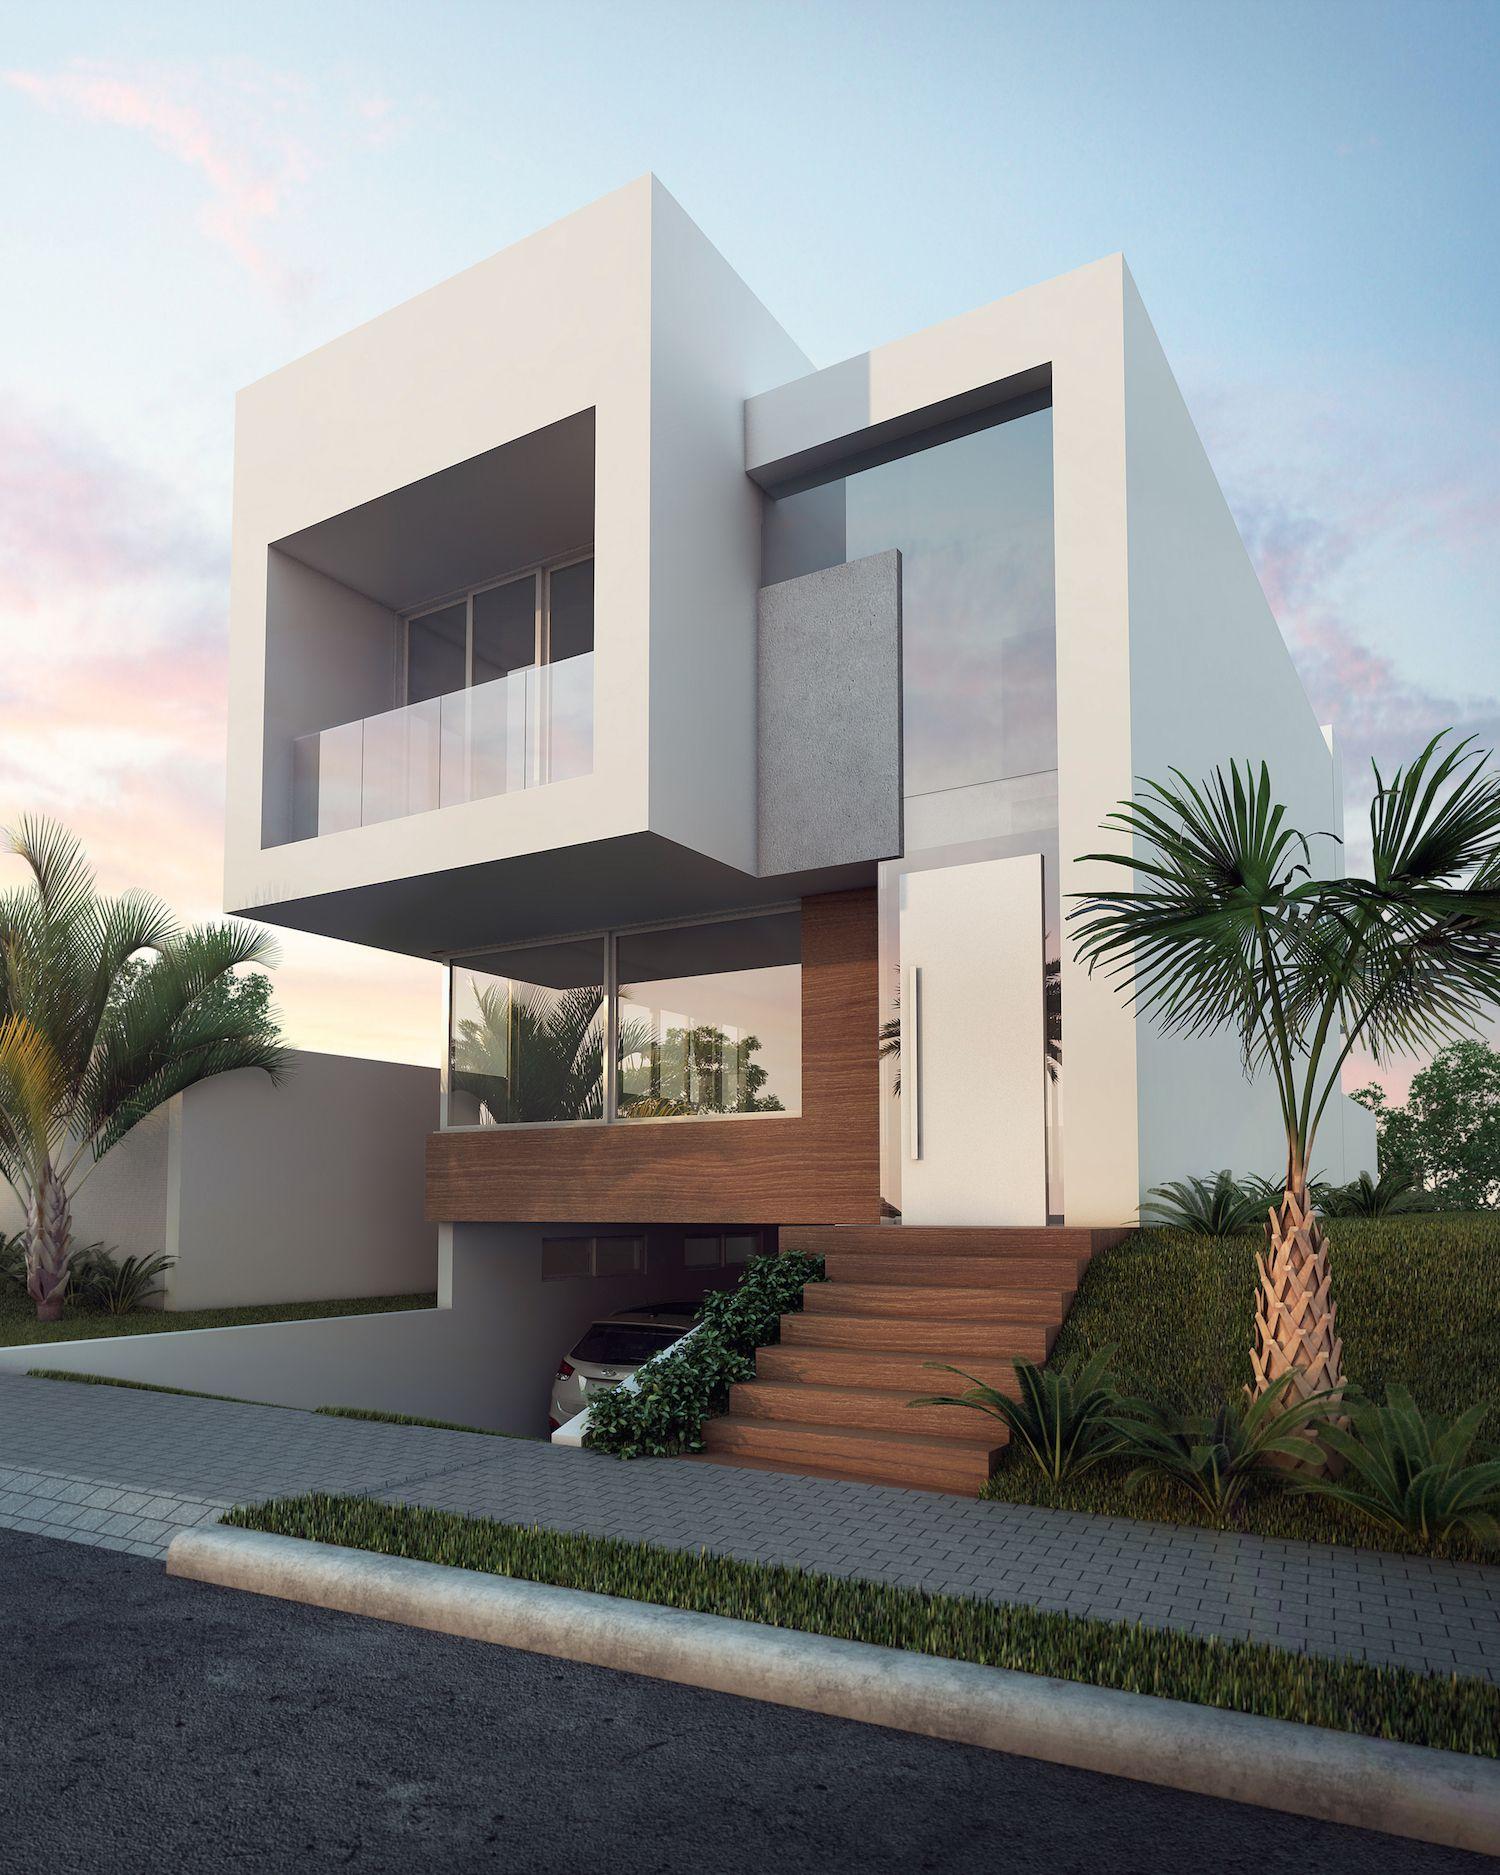 Arquitectura Fachadas De Casas Modernas Casas Modernas: Casas Minimalistas Modernas, Planos De Casas Modernas, Planos De Casas